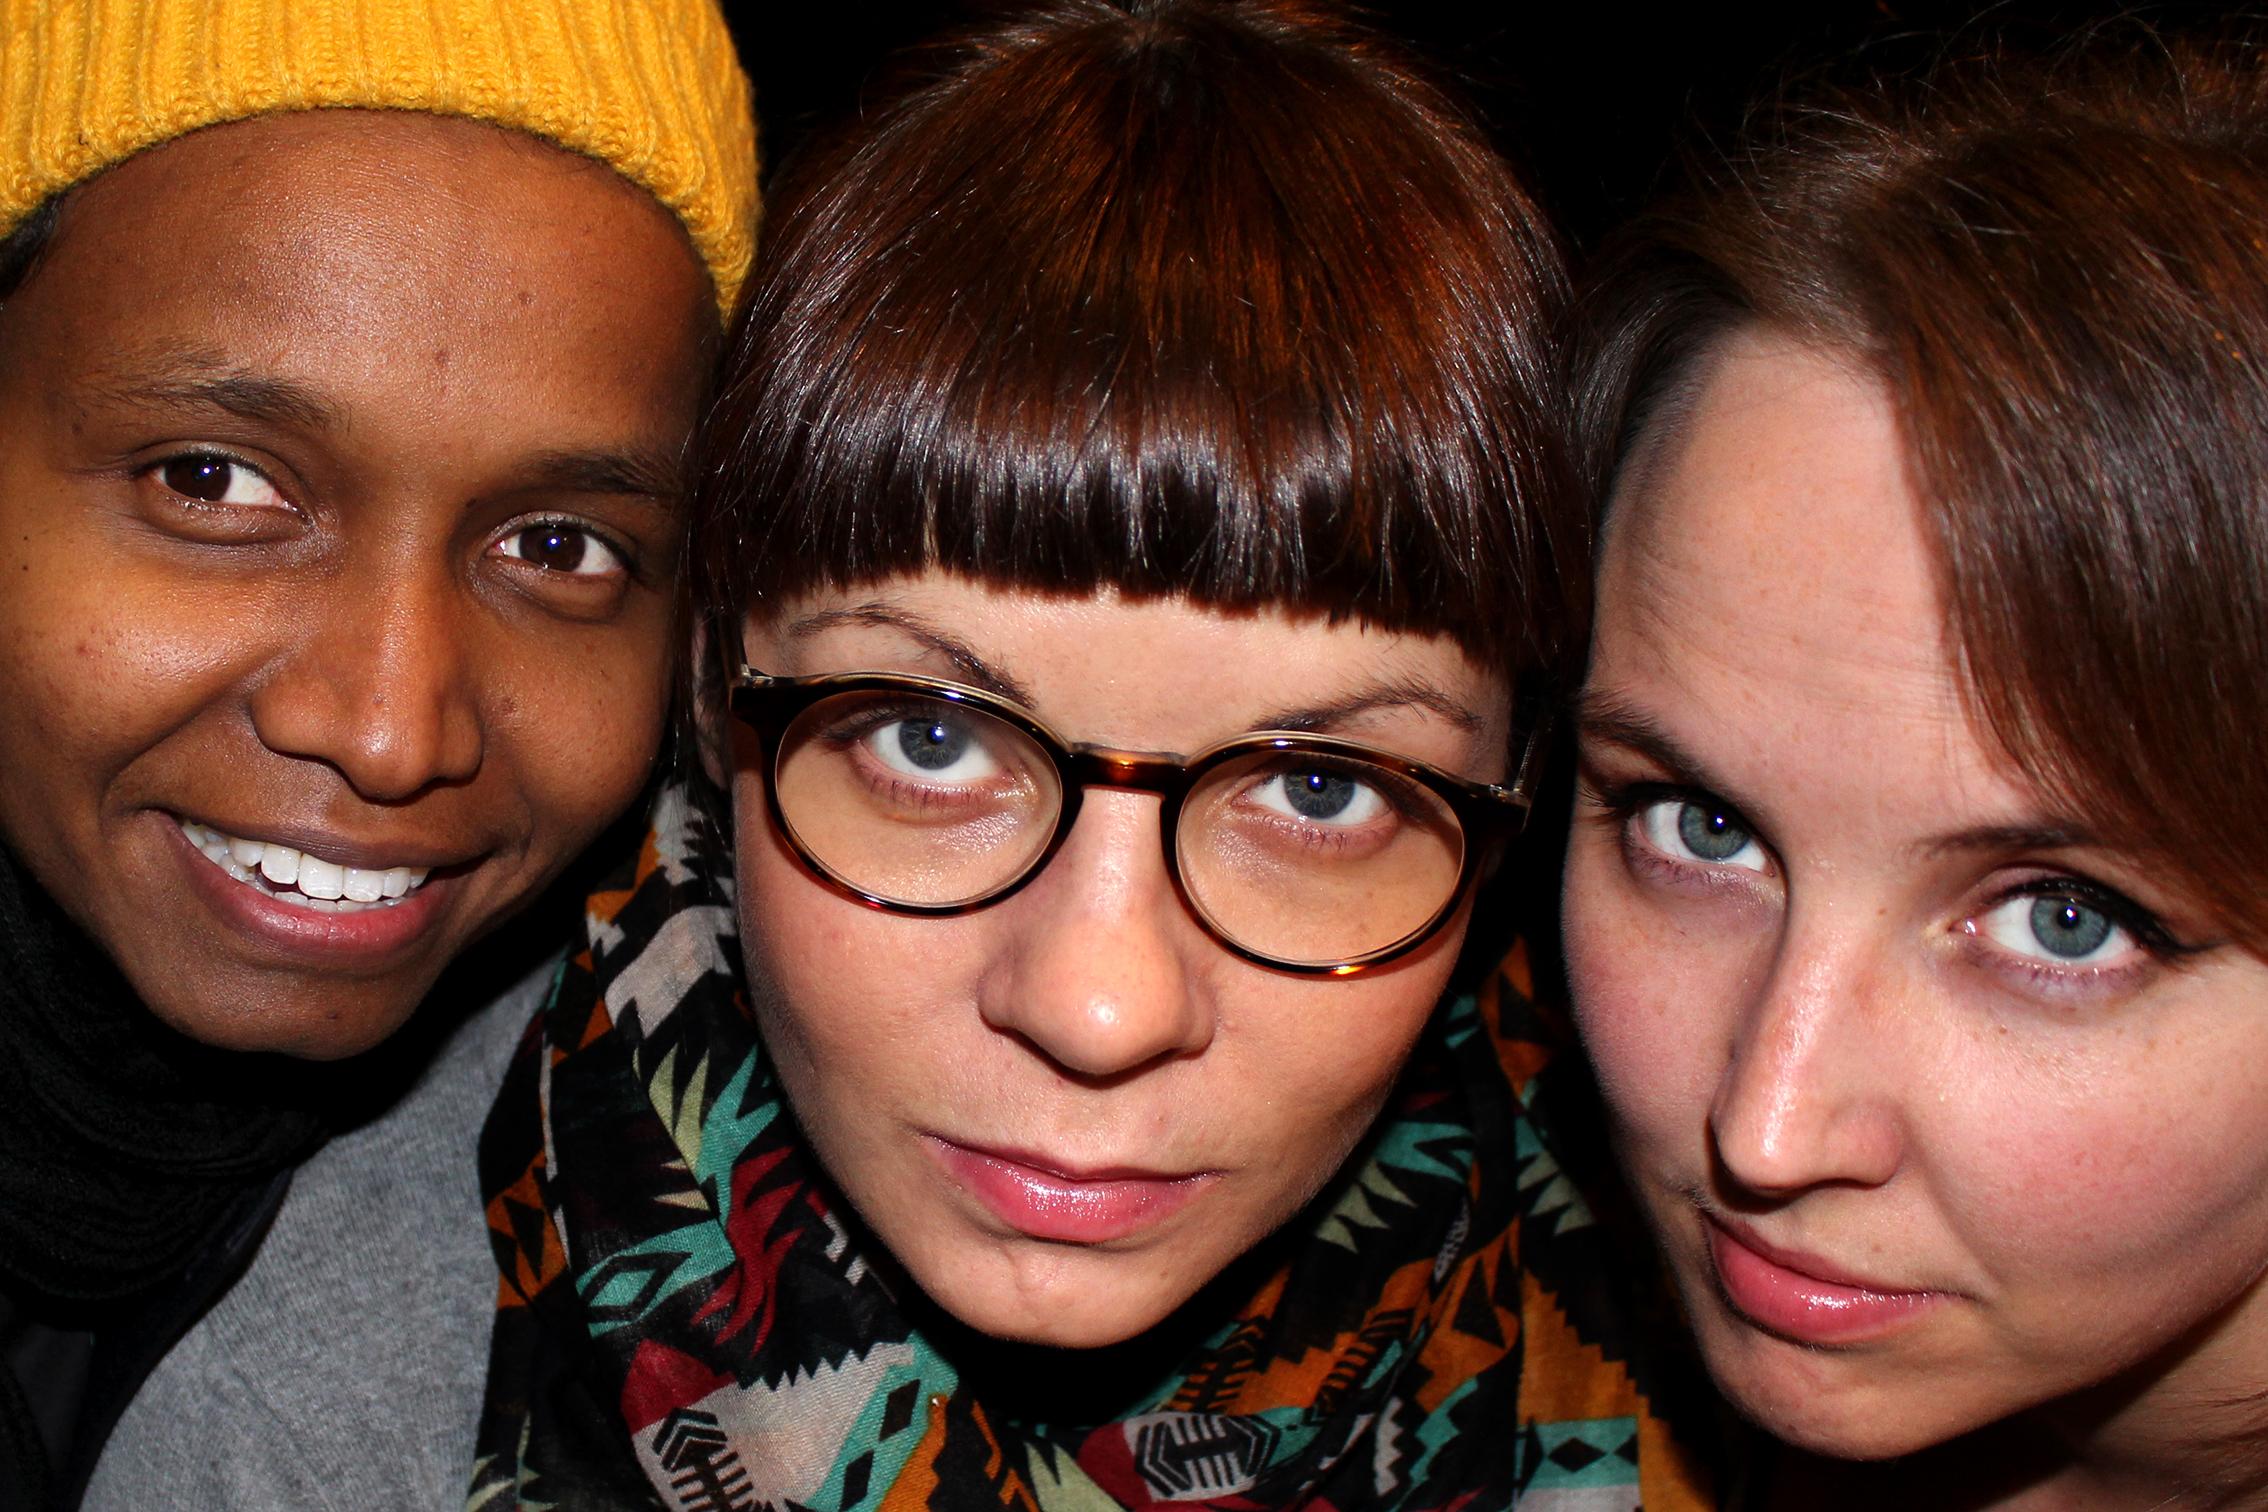 Nasra Omar, Charlotte Bendiksen og Anette Tunheim Jakobsen har aldri stått på samme scene før. De har skrevet musikk spesielt for Tromsø Arctic Pride og har konsert på Circa fredag 20.11